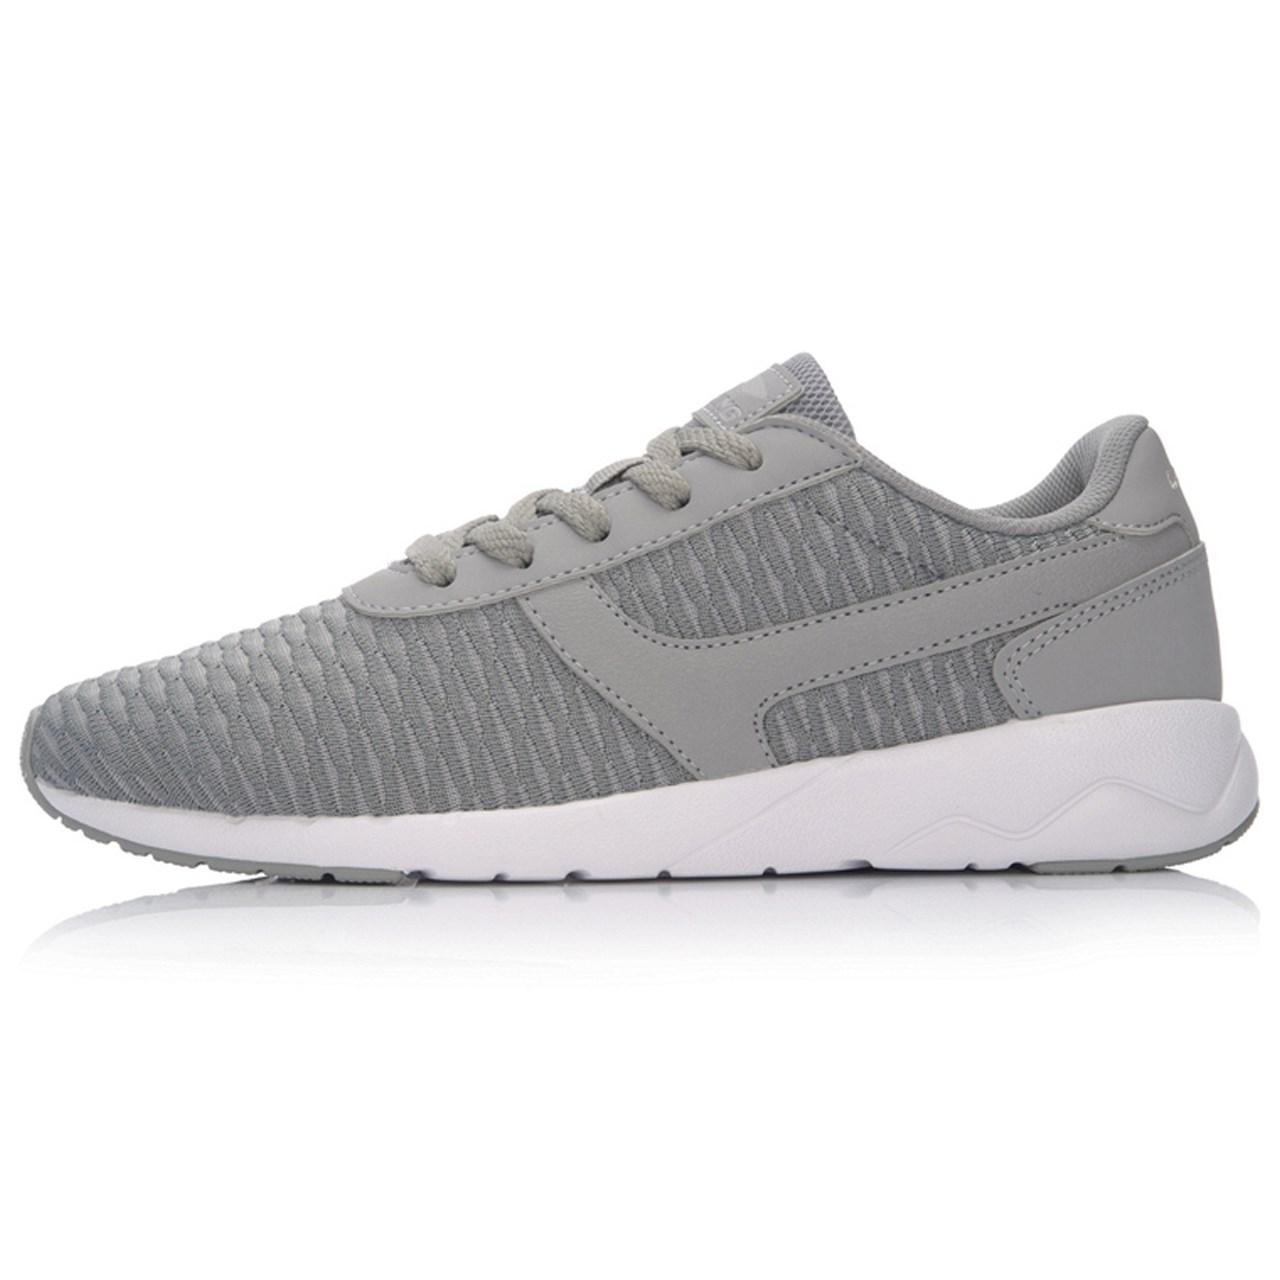 قیمت کفش مخصوص پیاده روی مردانه لی نینگ مدل ARCM003-2